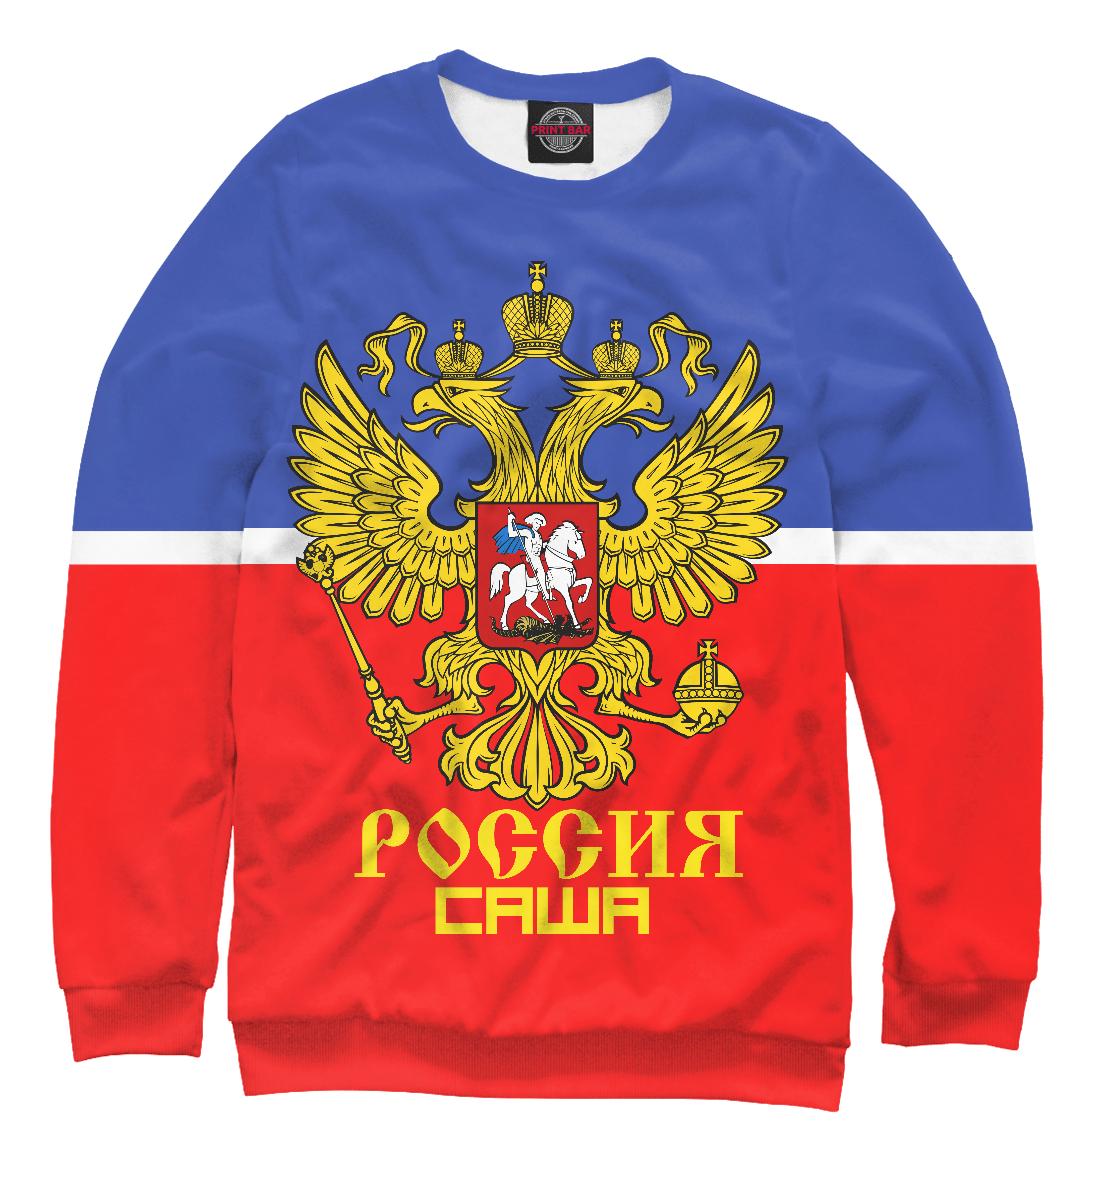 Купить Саша Sport Uniform, Printbar, Свитшоты, ALX-178171-swi-1